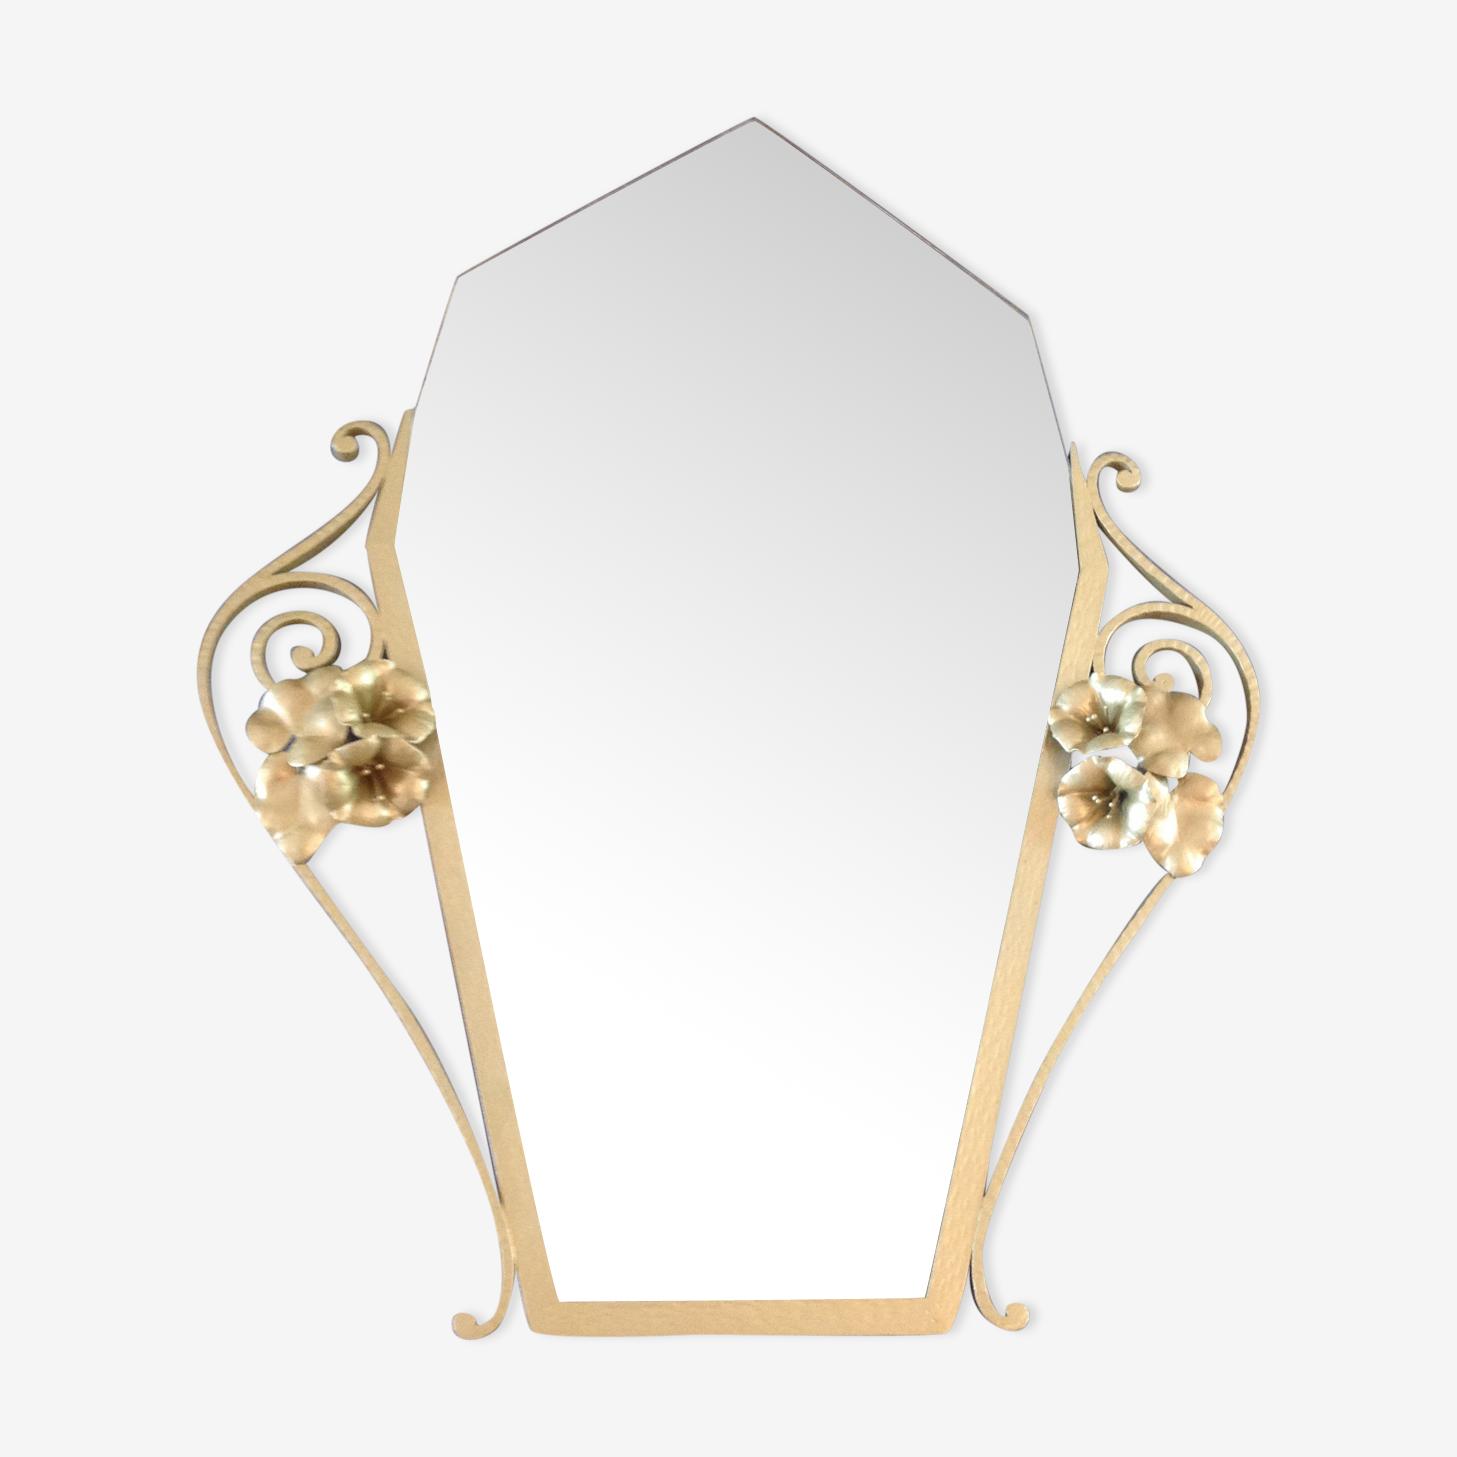 Miroir doré art déco 69x85cm